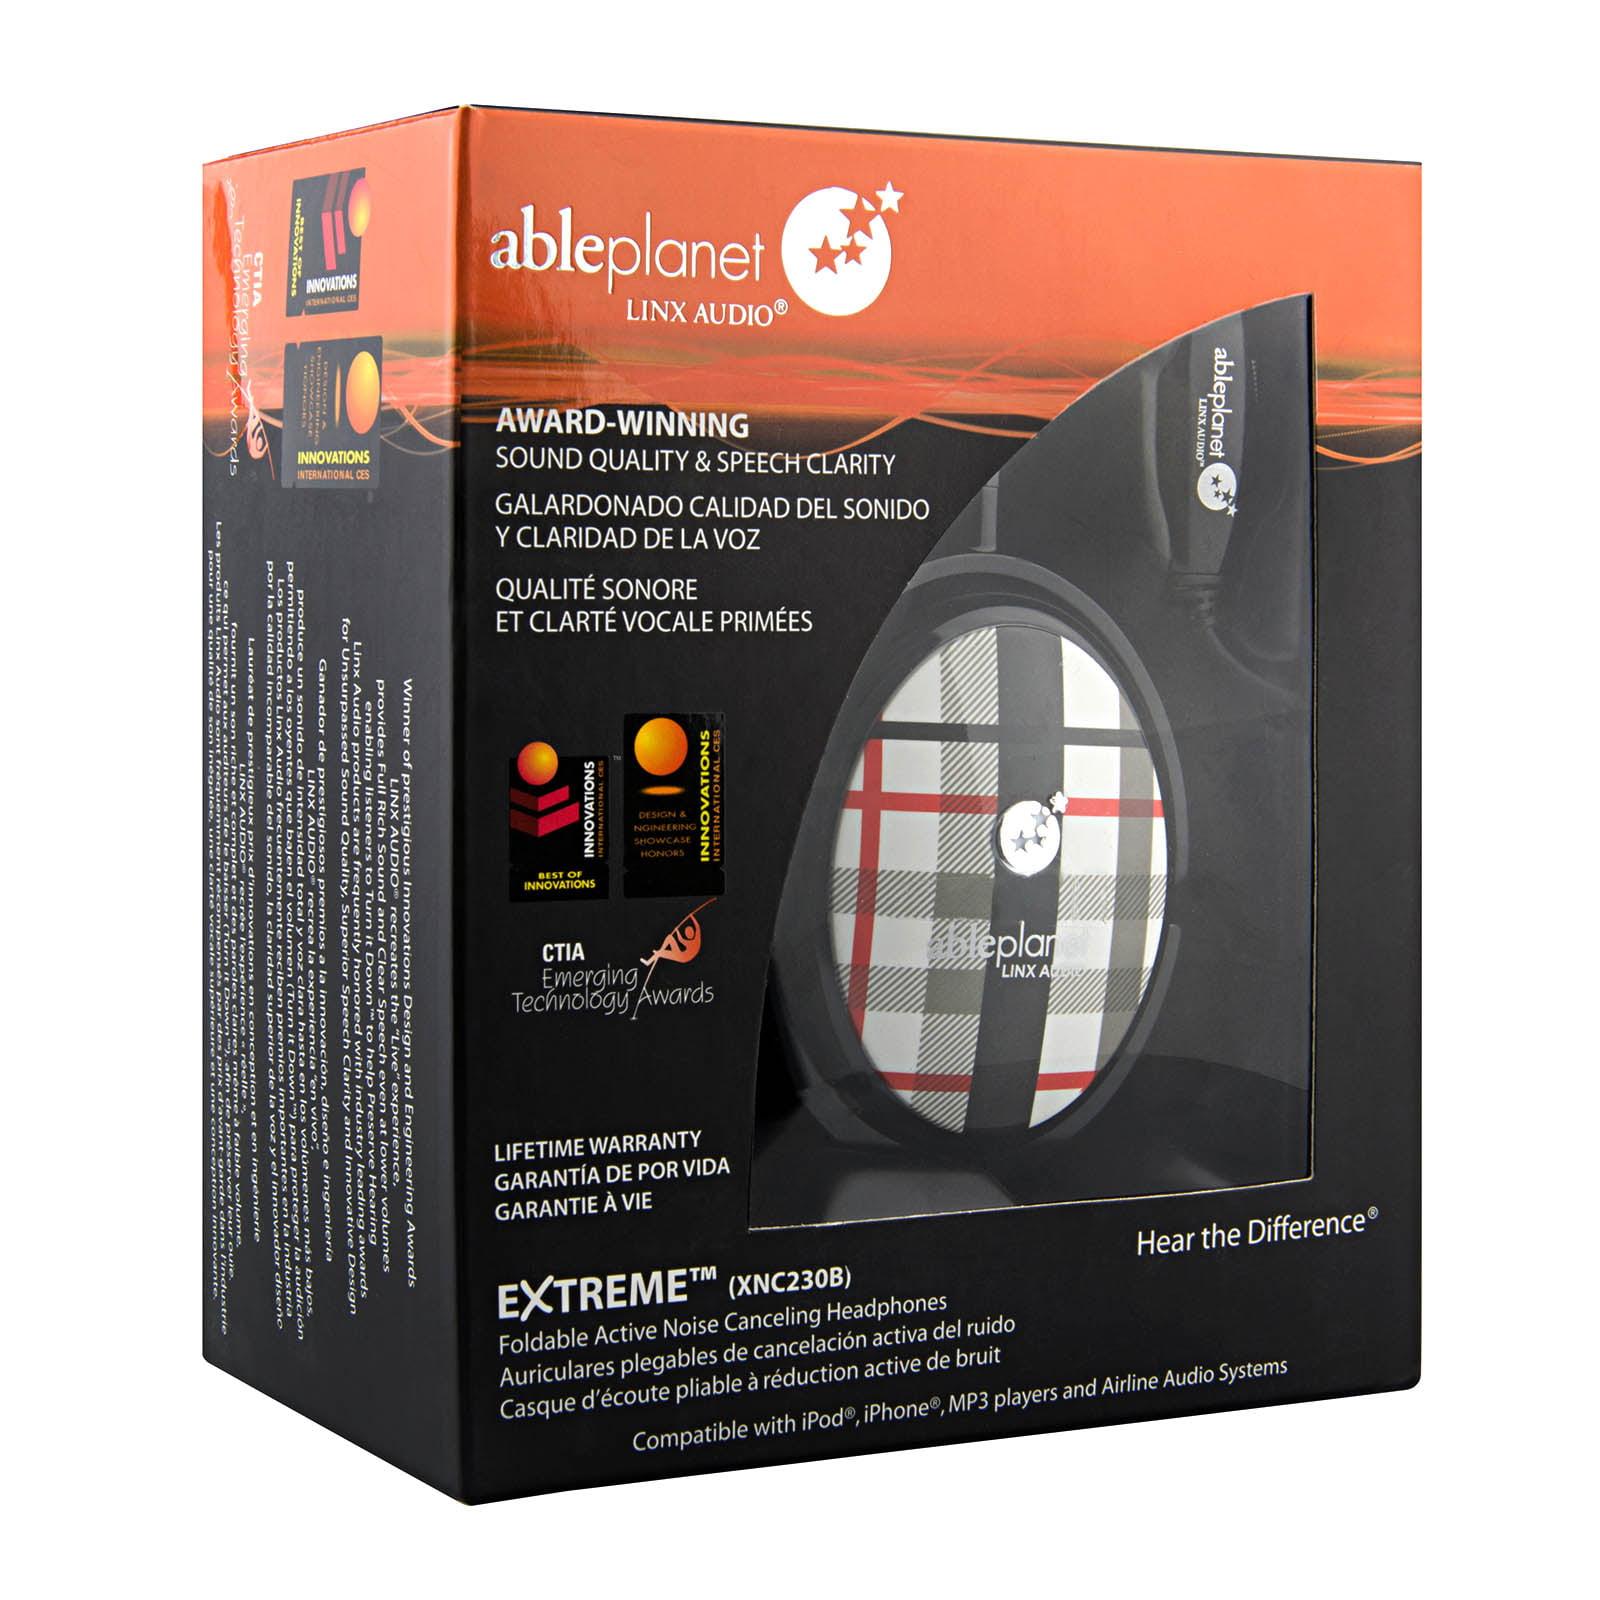 Able Planet XNC230 Extreme Foldable Noise Canceling Headphones  - Black Plaid